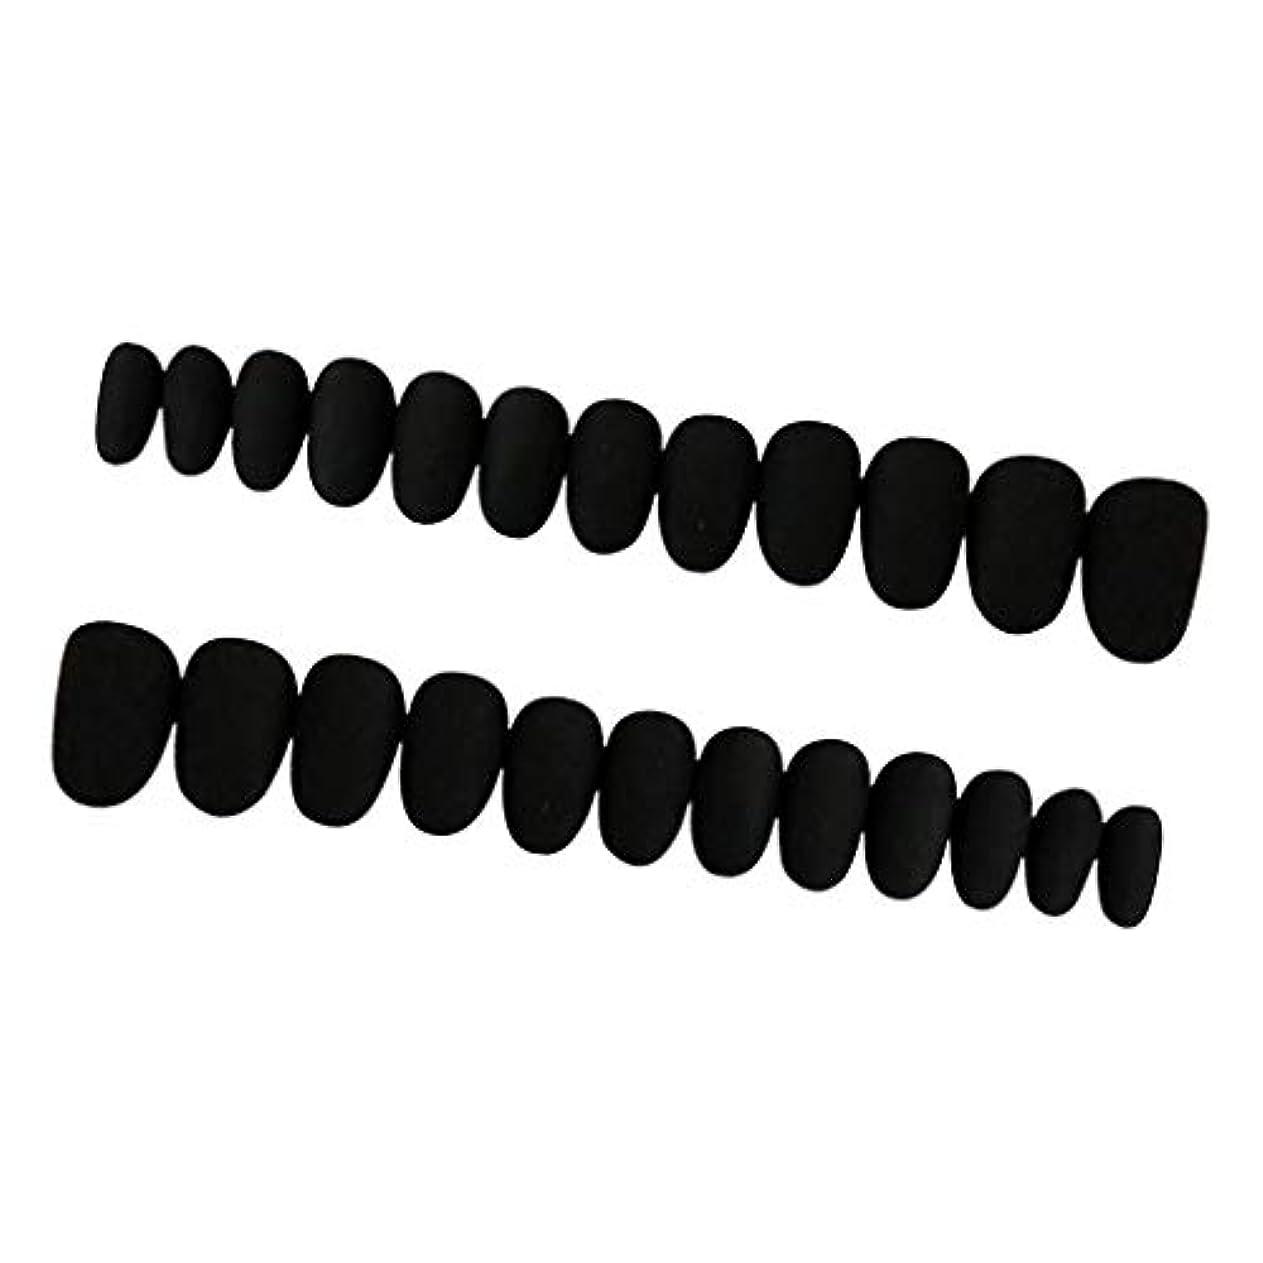 虫検査暗くするPerfeclan 約24枚 ネイルシール ネイルアート ネイルラップ ネイルステッカー 貼るだけ ネイル装飾 全3色 - ブラック